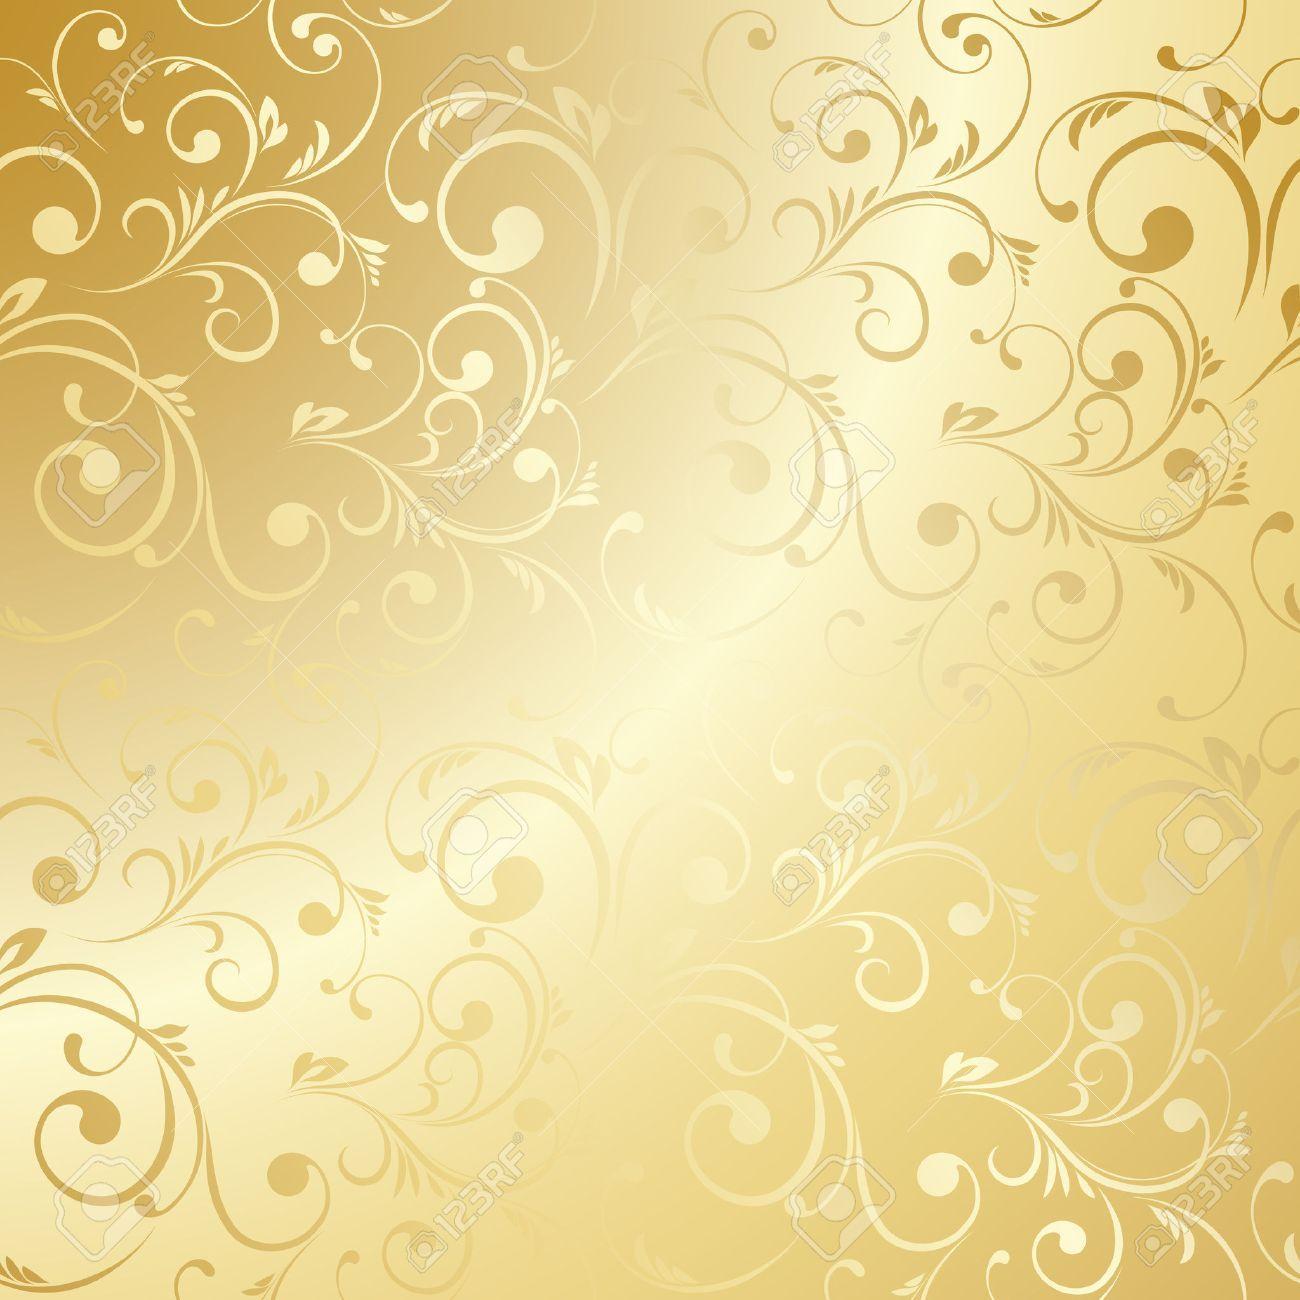 Luxury Golden Wallpaper Vintage Floral Pattern Vector Background Aff Wallpaper Vint Wallpaper Dourado Papel De Parede Wallpaper Papel De Parede Floral